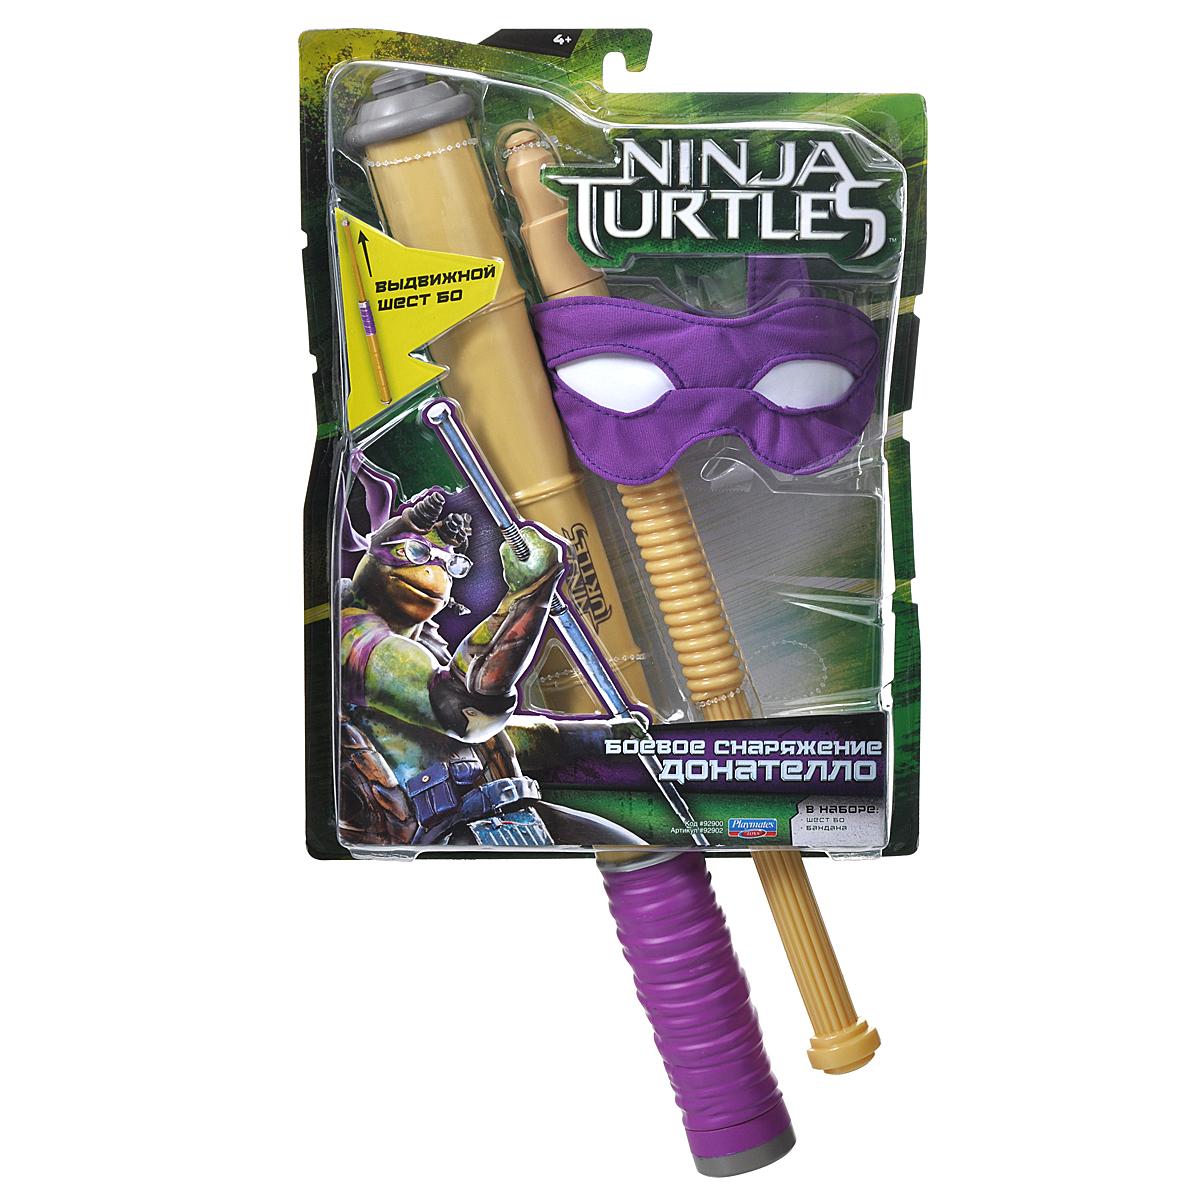 Игровой набор Turtles Боевое снаряжение Черепашки-Ниндзя: Донателло, 2 предмета. 92900_92902 игровой набор turtles боевое снаряжение черепашки ниндзя микеланджело 4 предмета